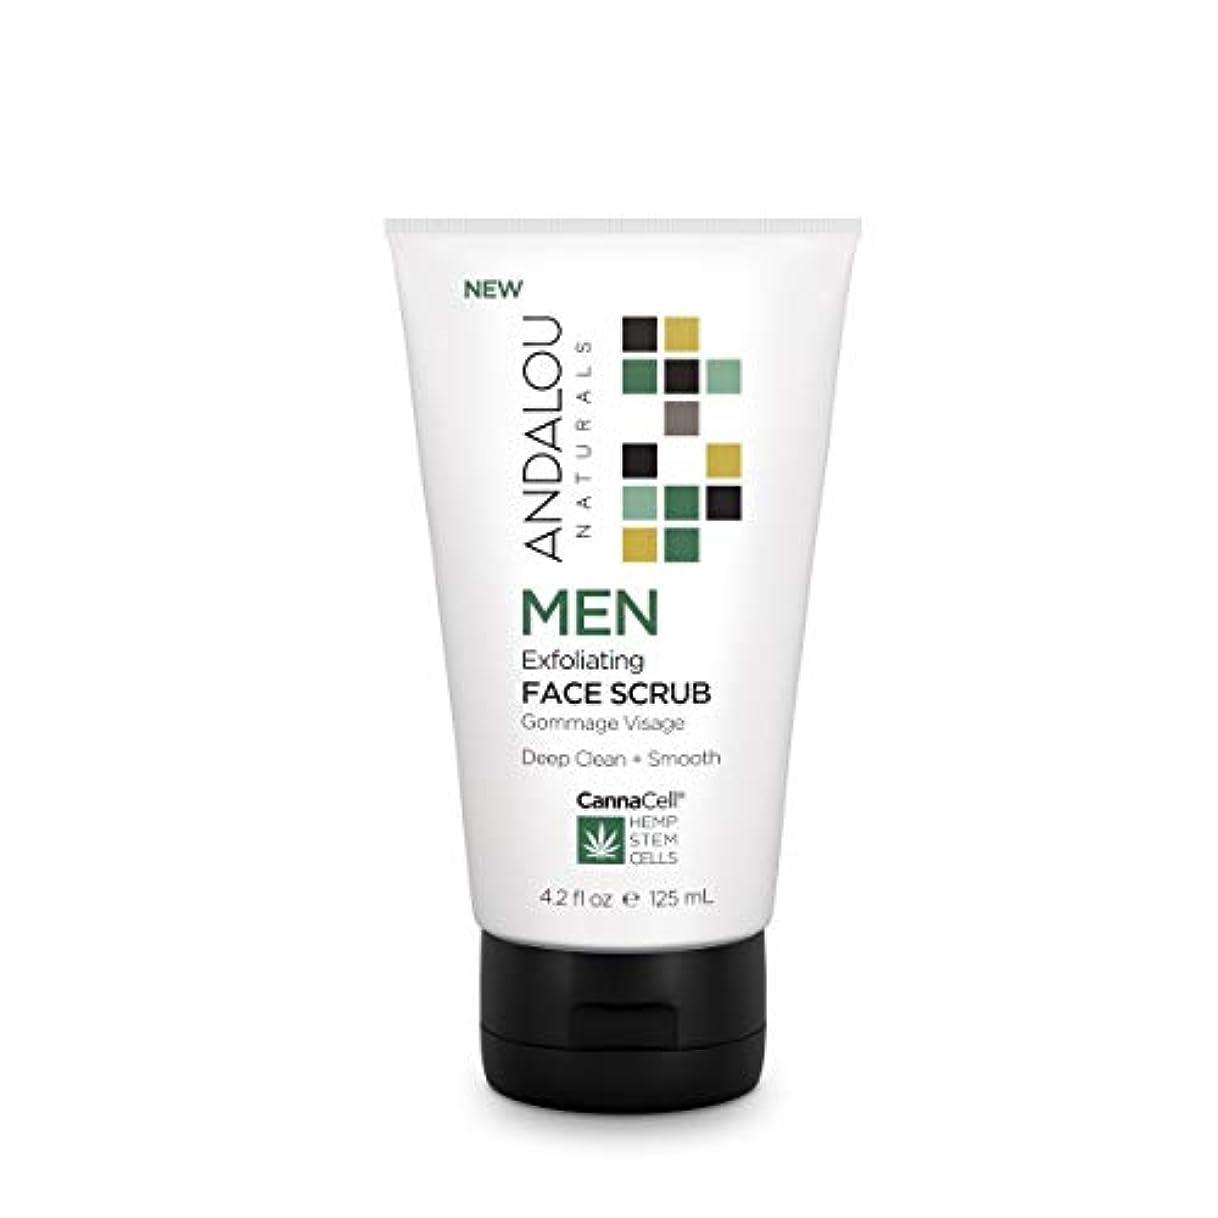 締める歴史好ましいオーガニック ボタニカル 洗顔料 スクラブ洗顔 ナチュラル フルーツ幹細胞 ヘンプ幹細胞 「 MEN エクスフォリエーティングフェイススクラブ 」 ANDALOU naturals アンダルー ナチュラルズ